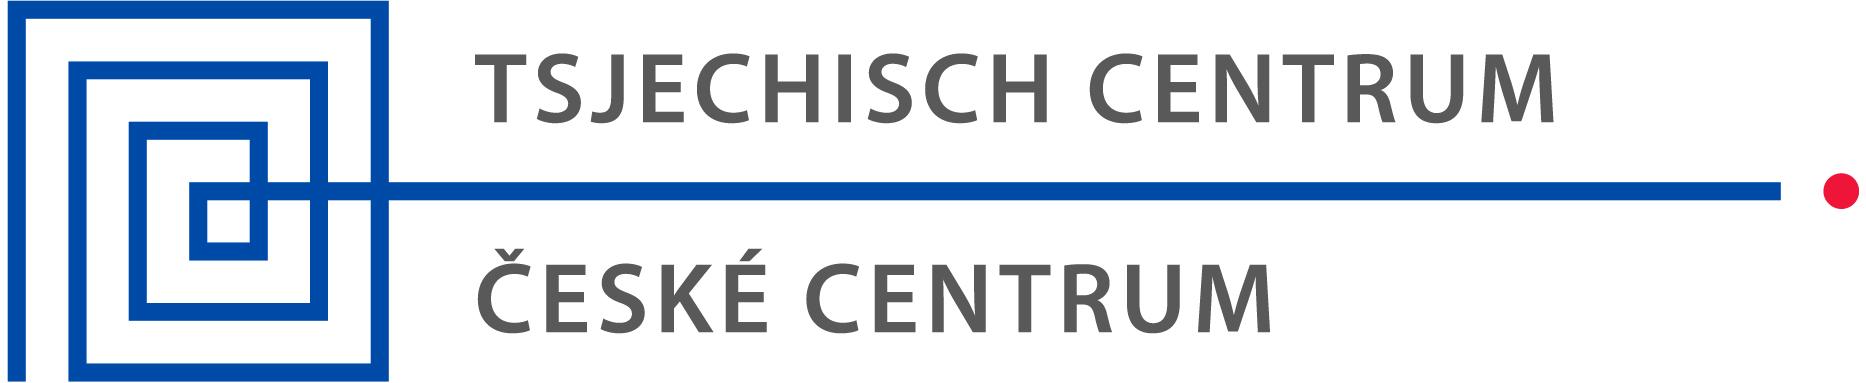 TsjechischCentrum